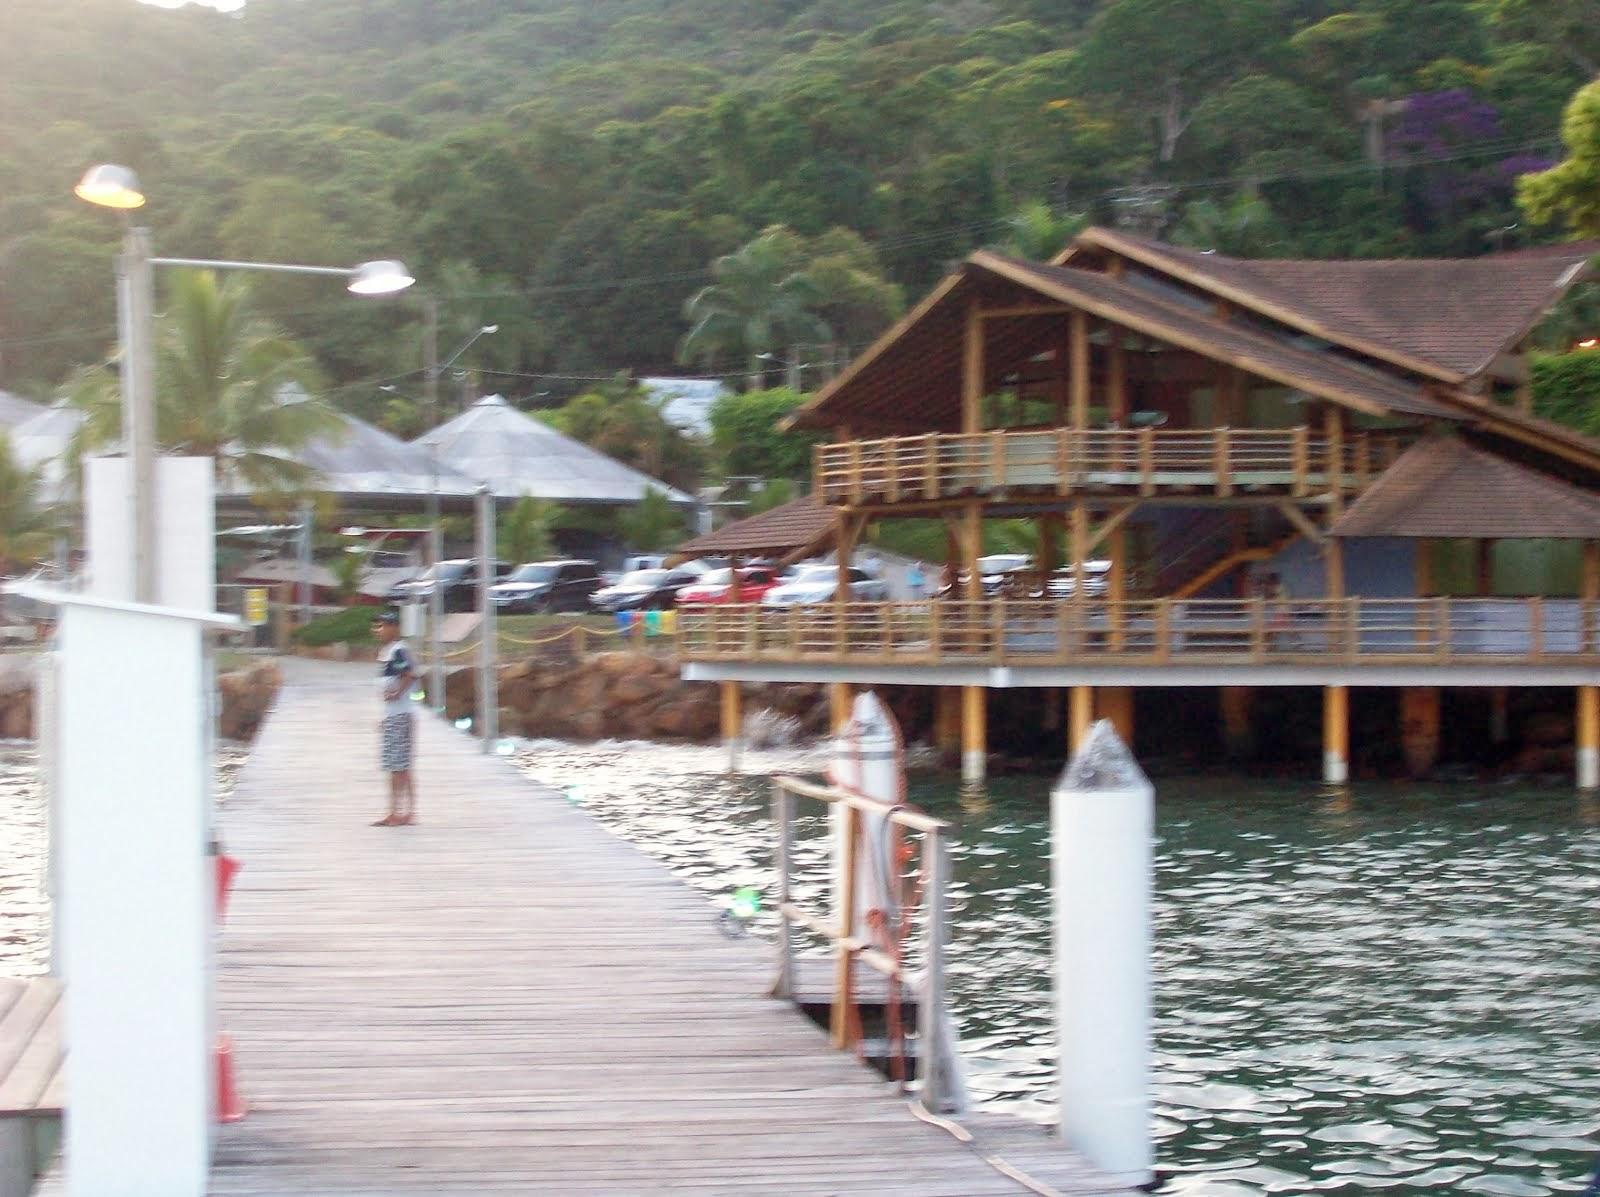 Marina kauai